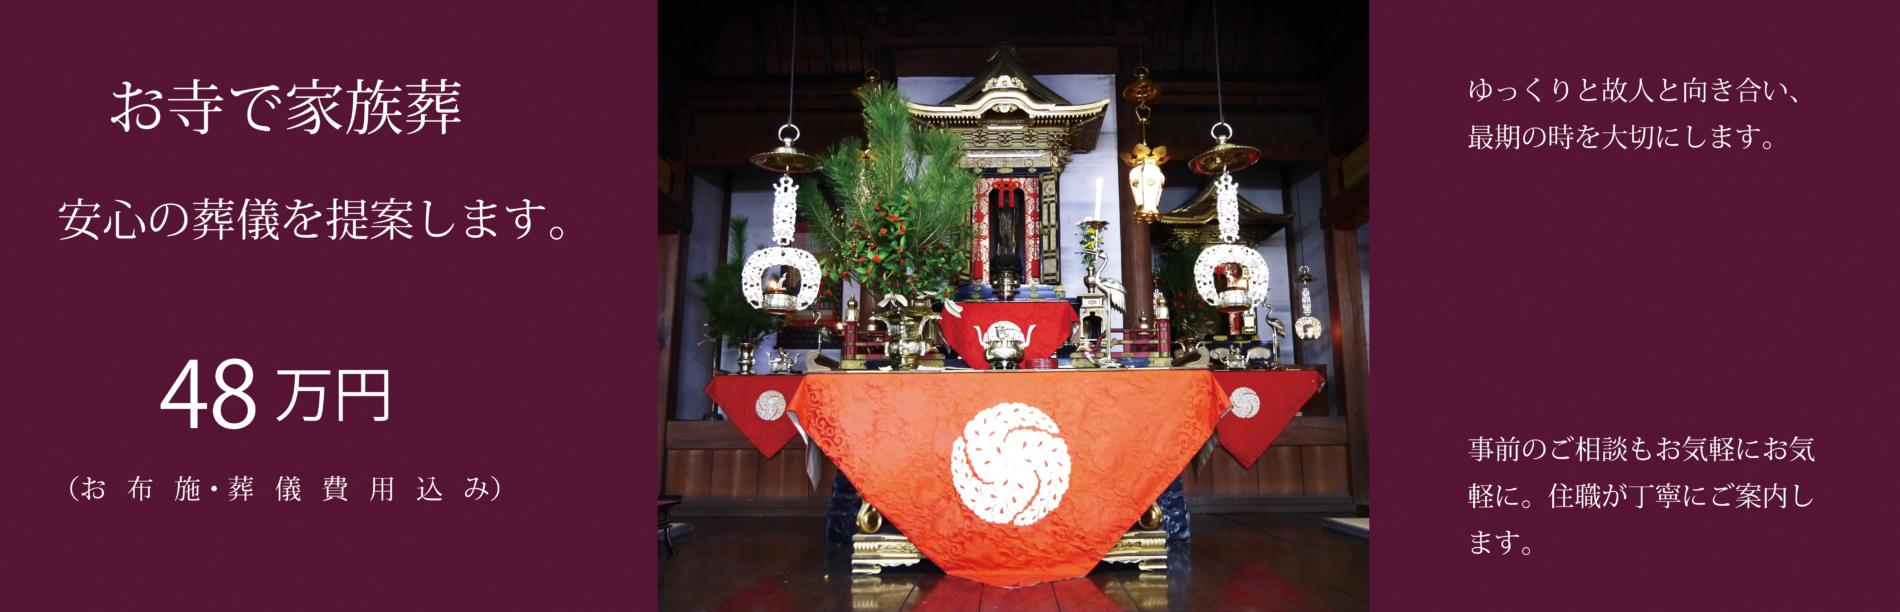 正太寺境内写真